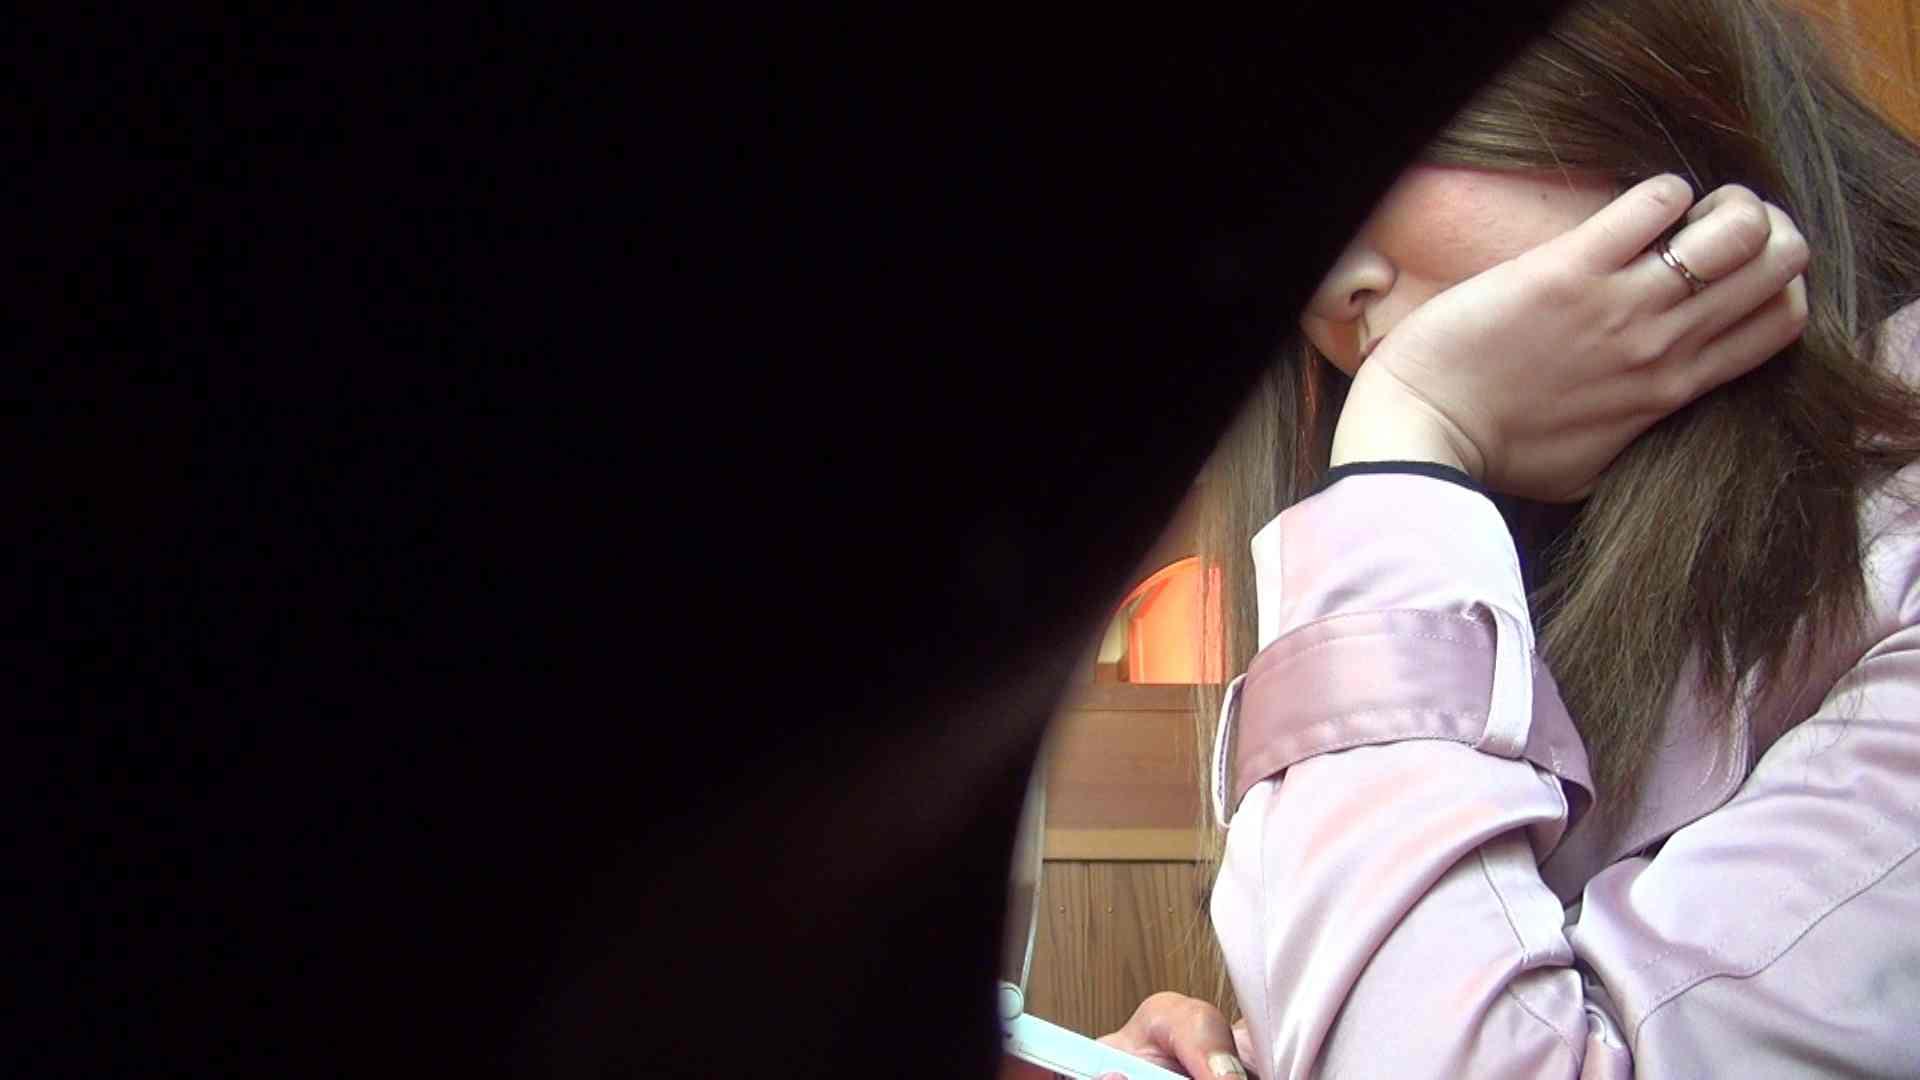 episode1 ヒロトさんと保険外交員との顔合わせ リアル・マンコ AV無料動画キャプチャ 71pic 68